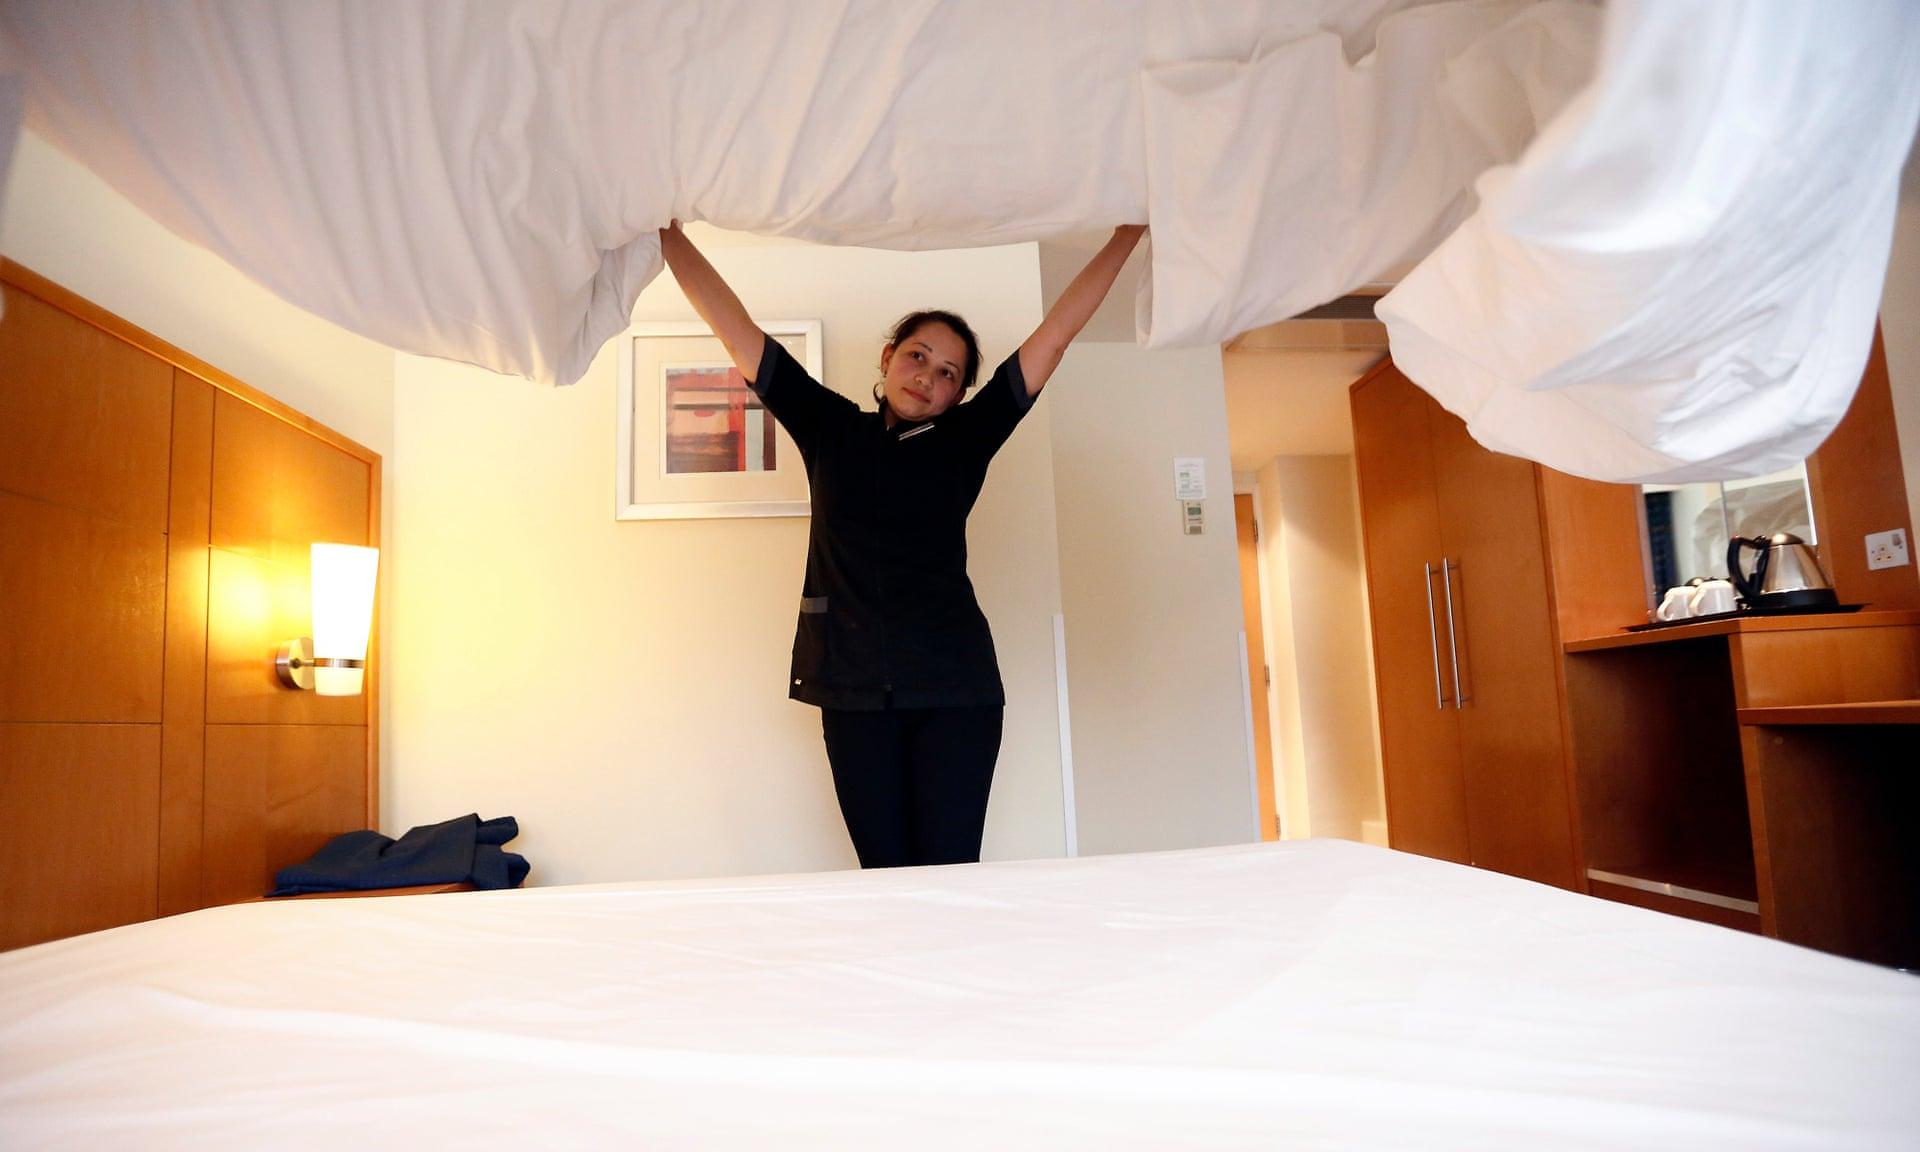 harc lement usa les femmes de m nage aux des h tels souhaitent un bouton de panique pour. Black Bedroom Furniture Sets. Home Design Ideas